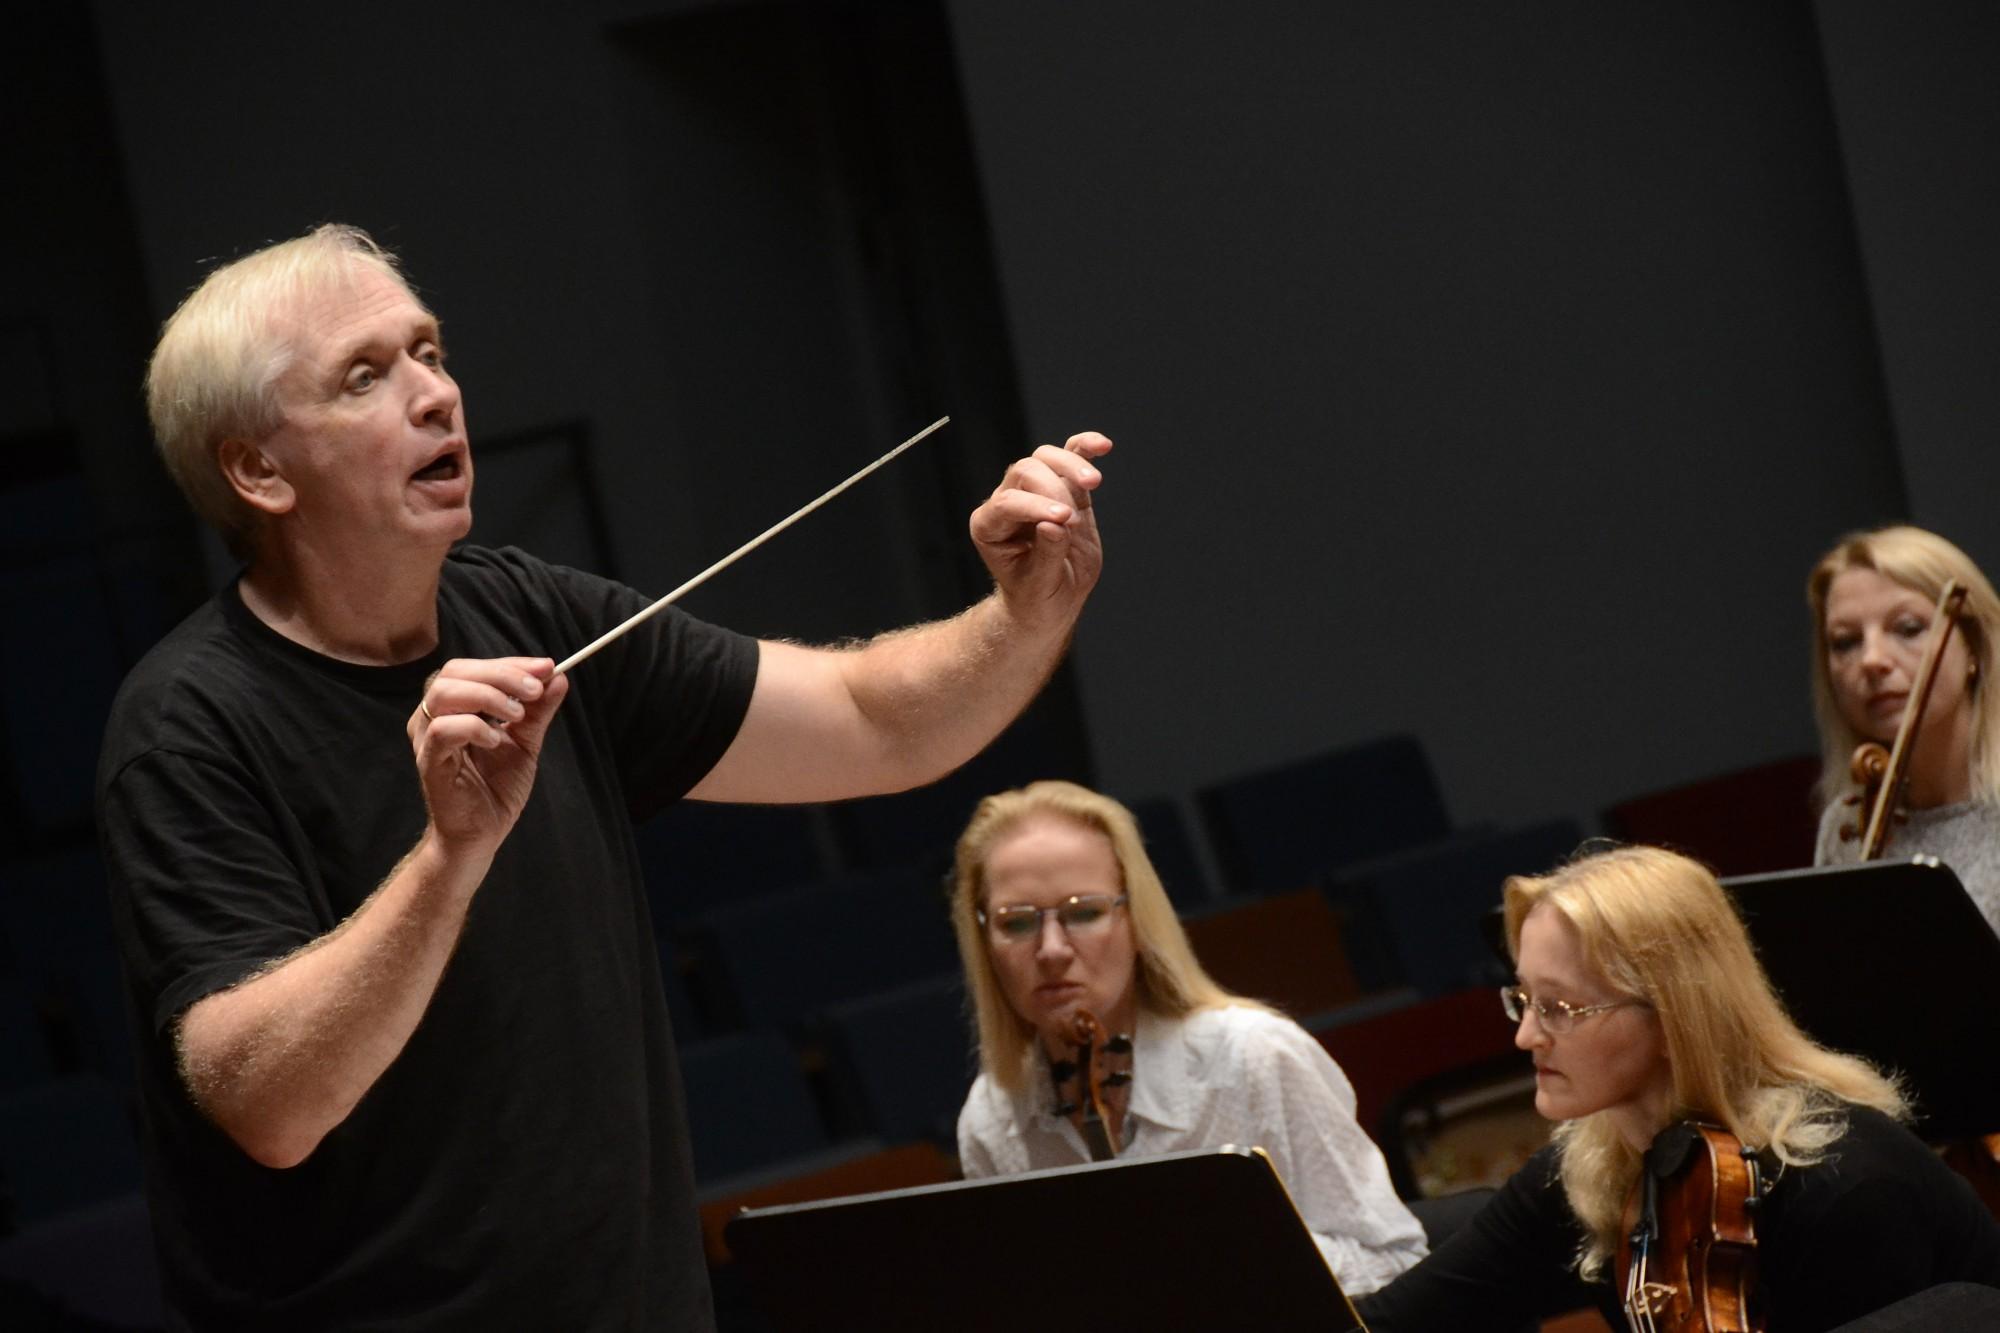 Liepājas Simfoniskais orķestris jauno sezonu sāk ar bažām par mūziķu algu apmēru